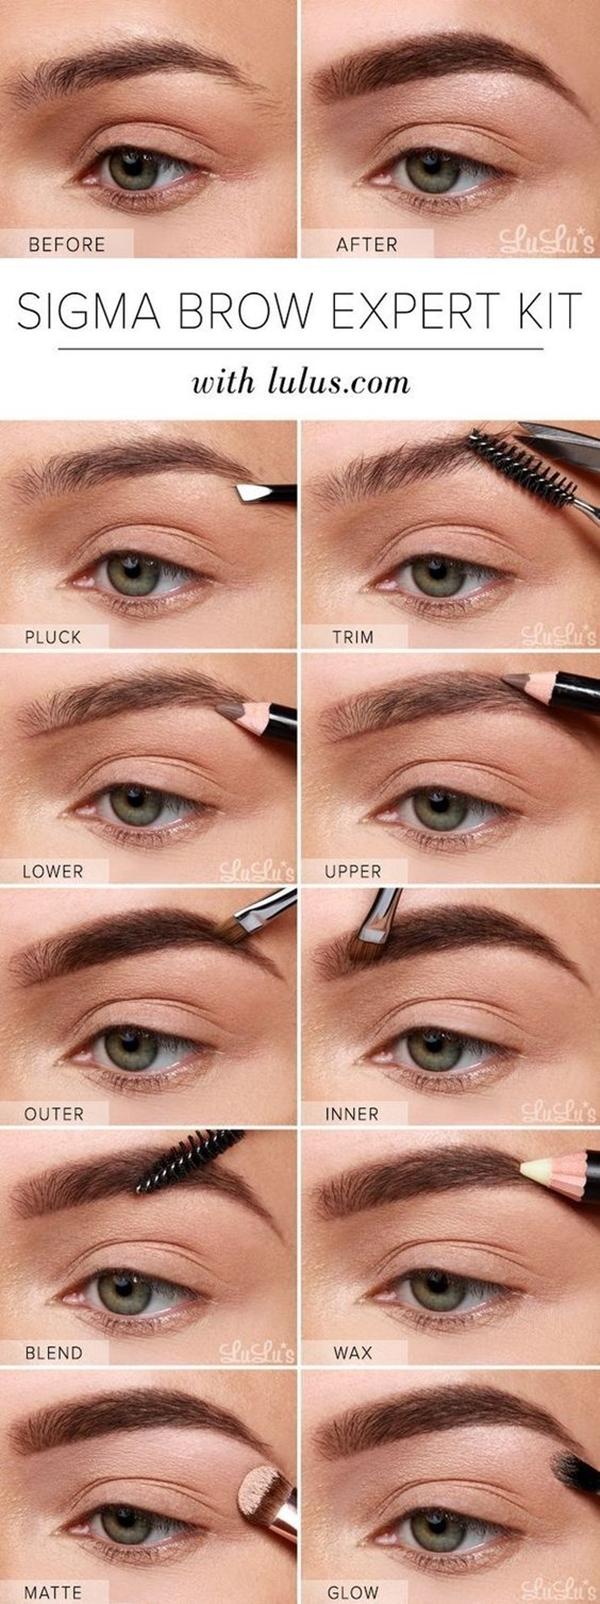 https://thegoddess.com/eyeshadow-tutorials-beginner/